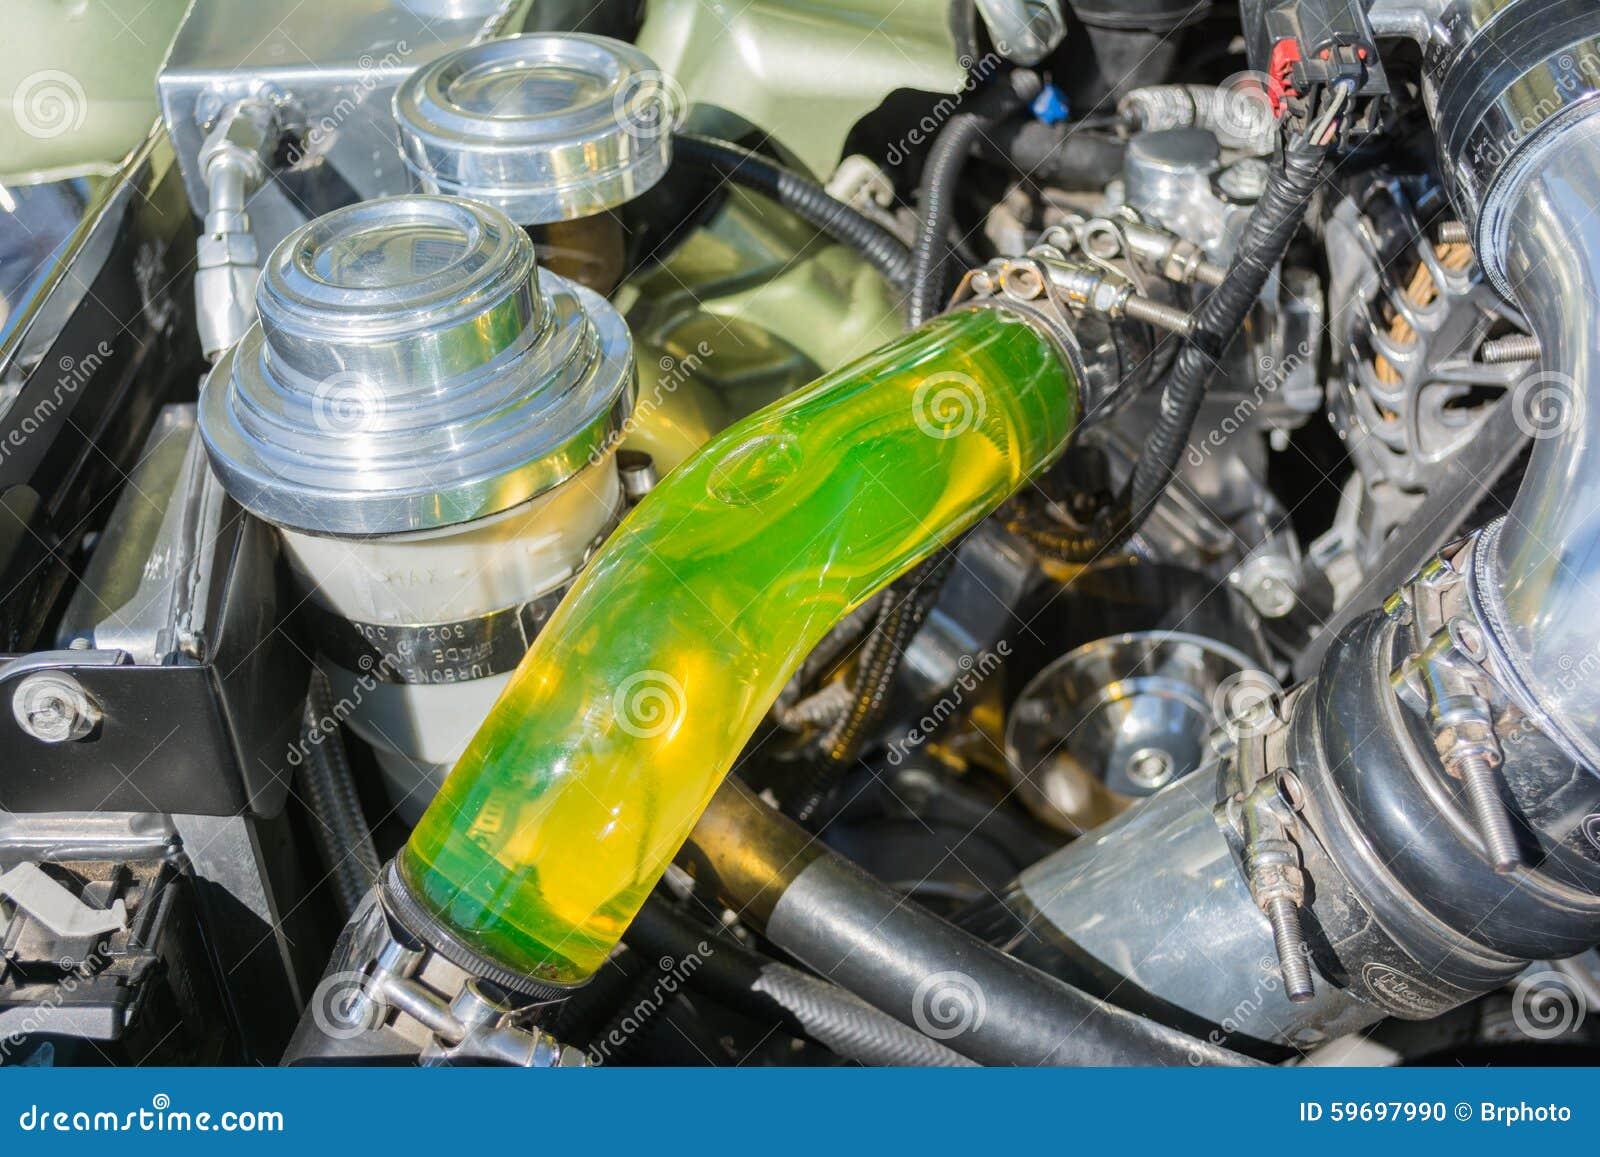 Car Ford Galpin Nuys Van